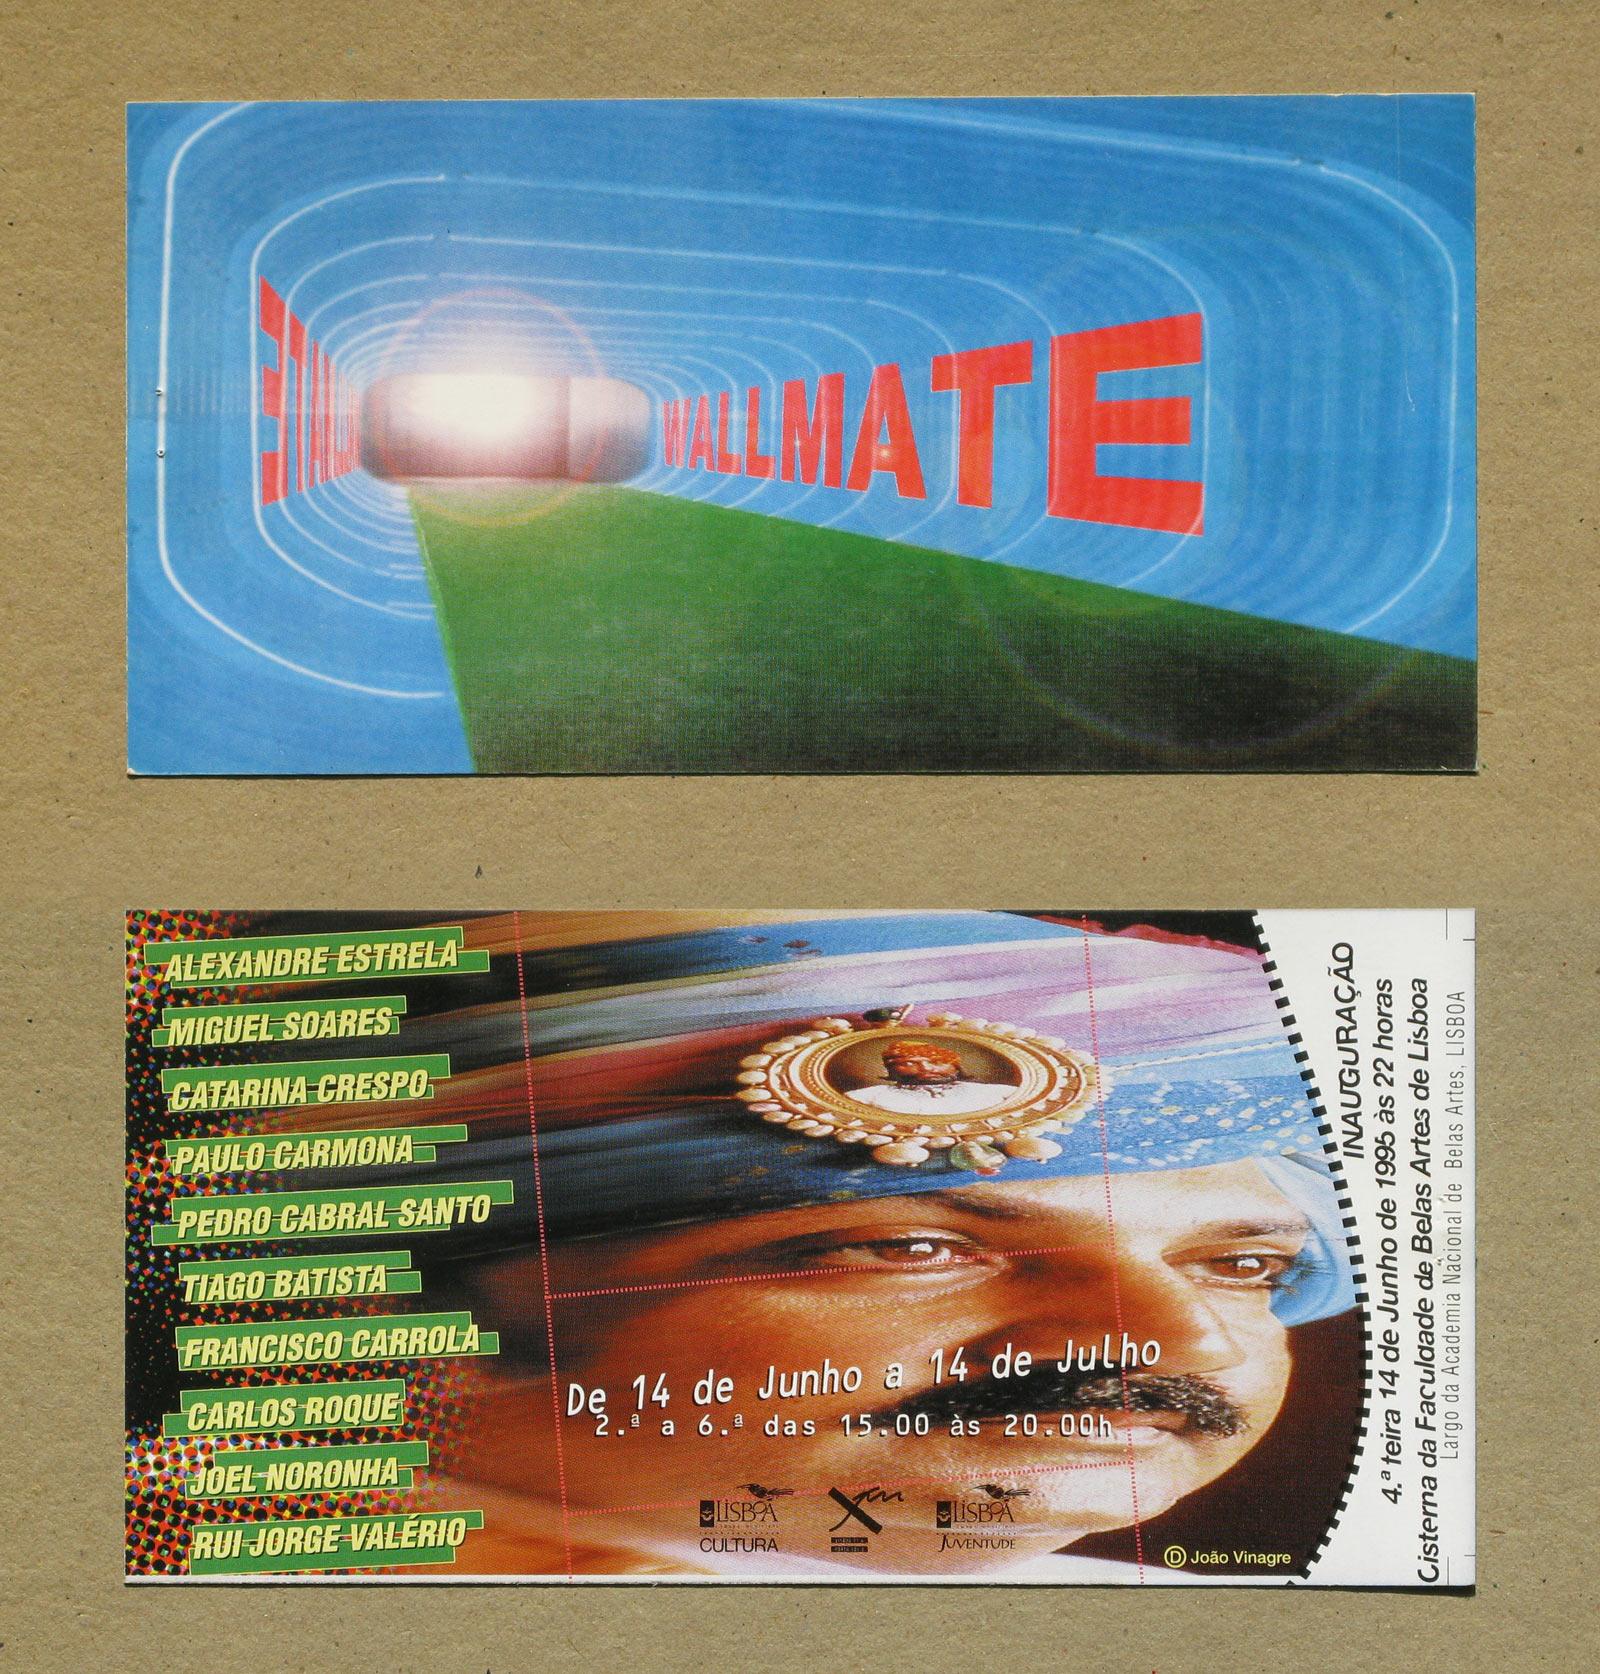 convite-wallmate-1995